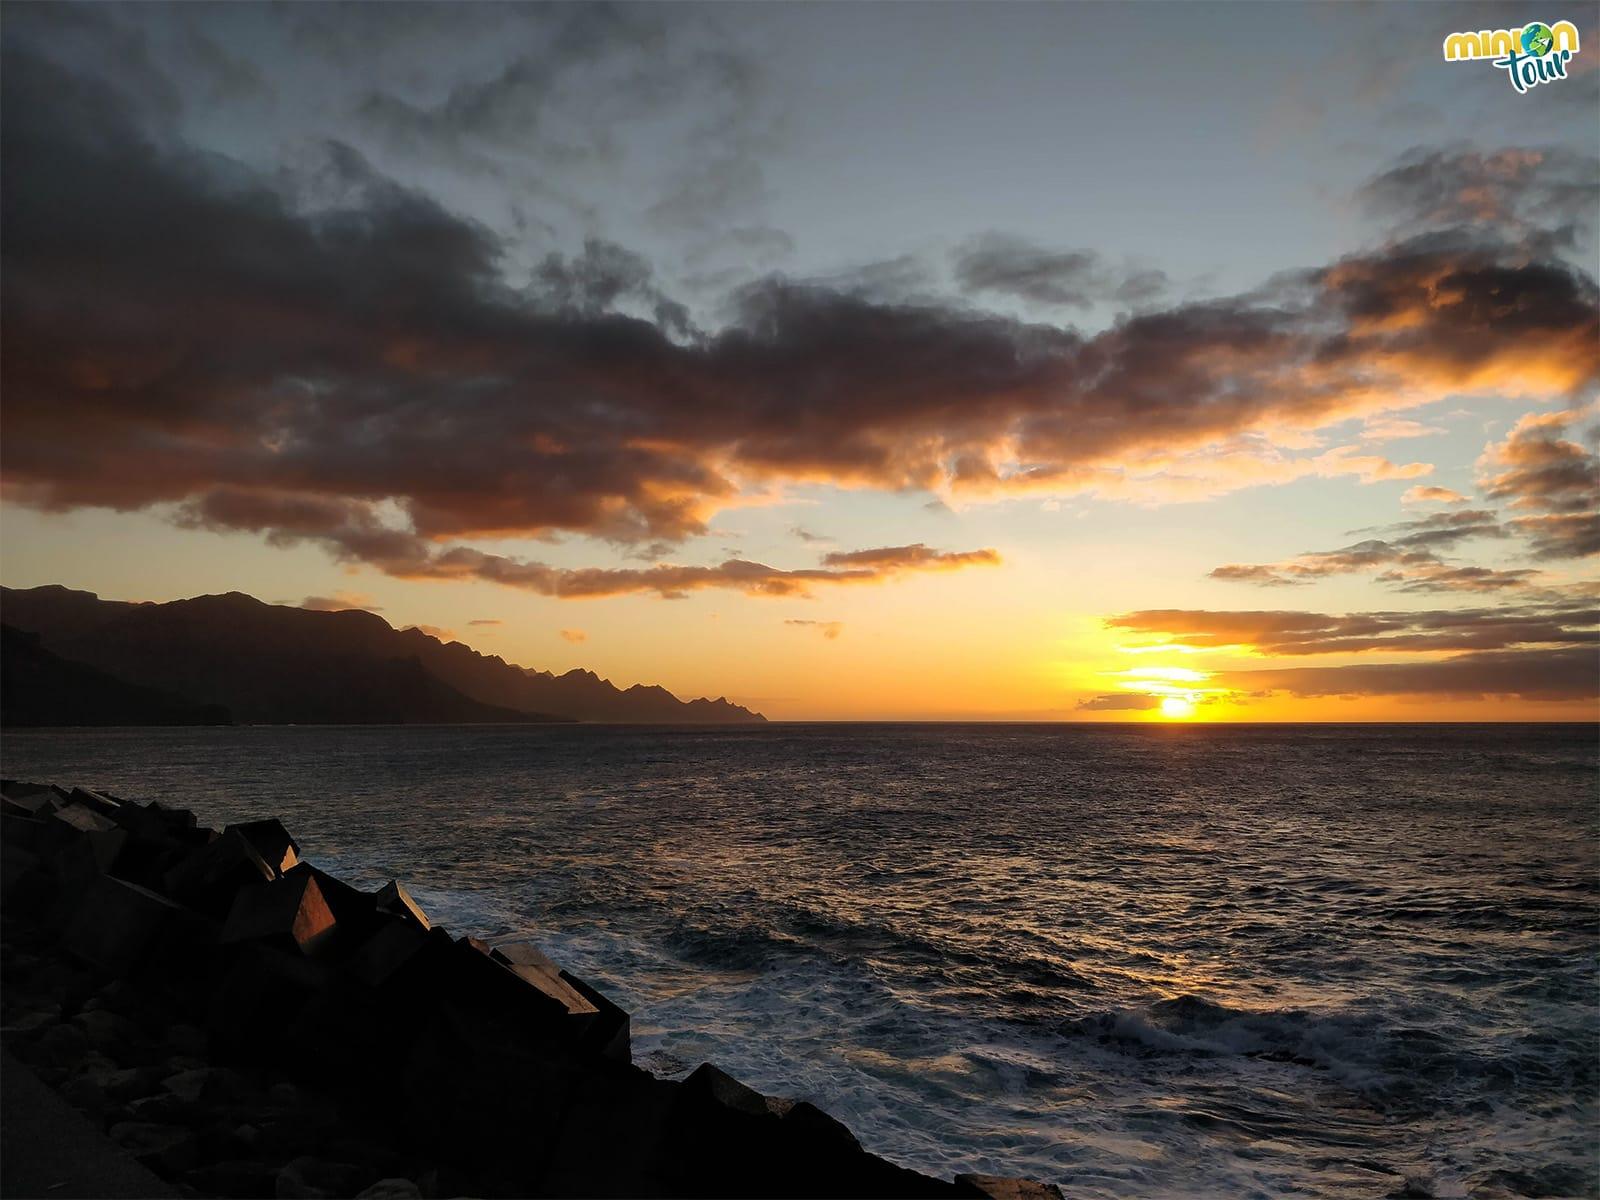 Anochecer en Puerto de las Nieves, fin de nuestra ruta por el norte de Gran Canaria